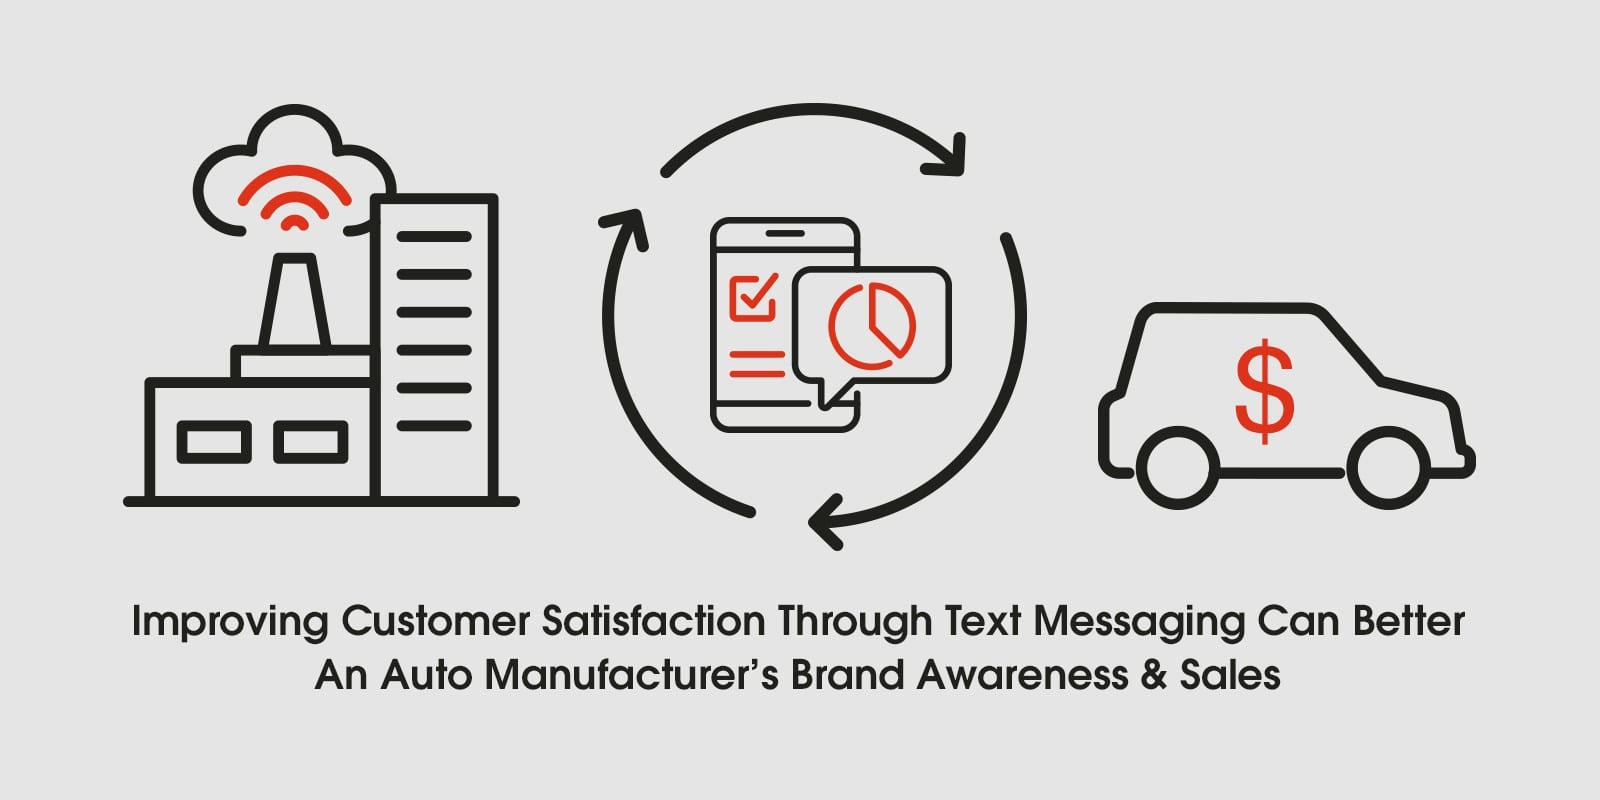 cómo los mensajes de texto mejoran la satisfacción del cliente y las ventas, además de por qué los fabricantes de automóviles deberían preocuparse